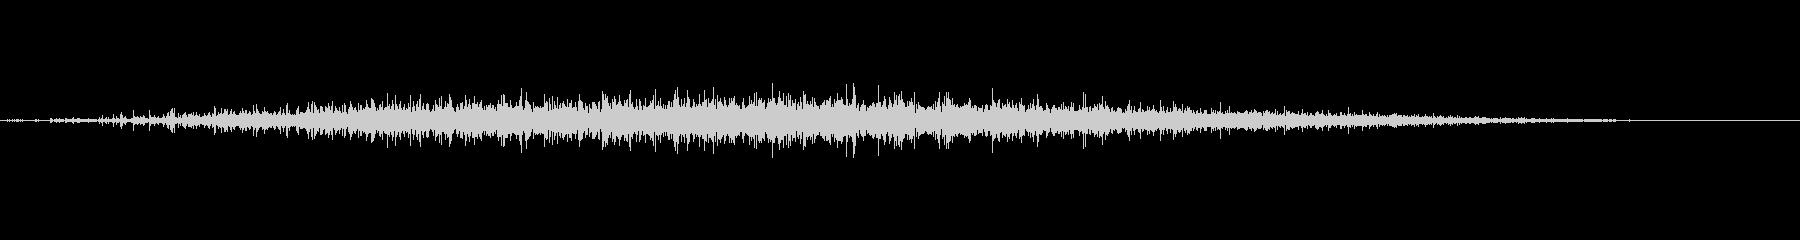 拍手1 (パチパチパチ…)の未再生の波形